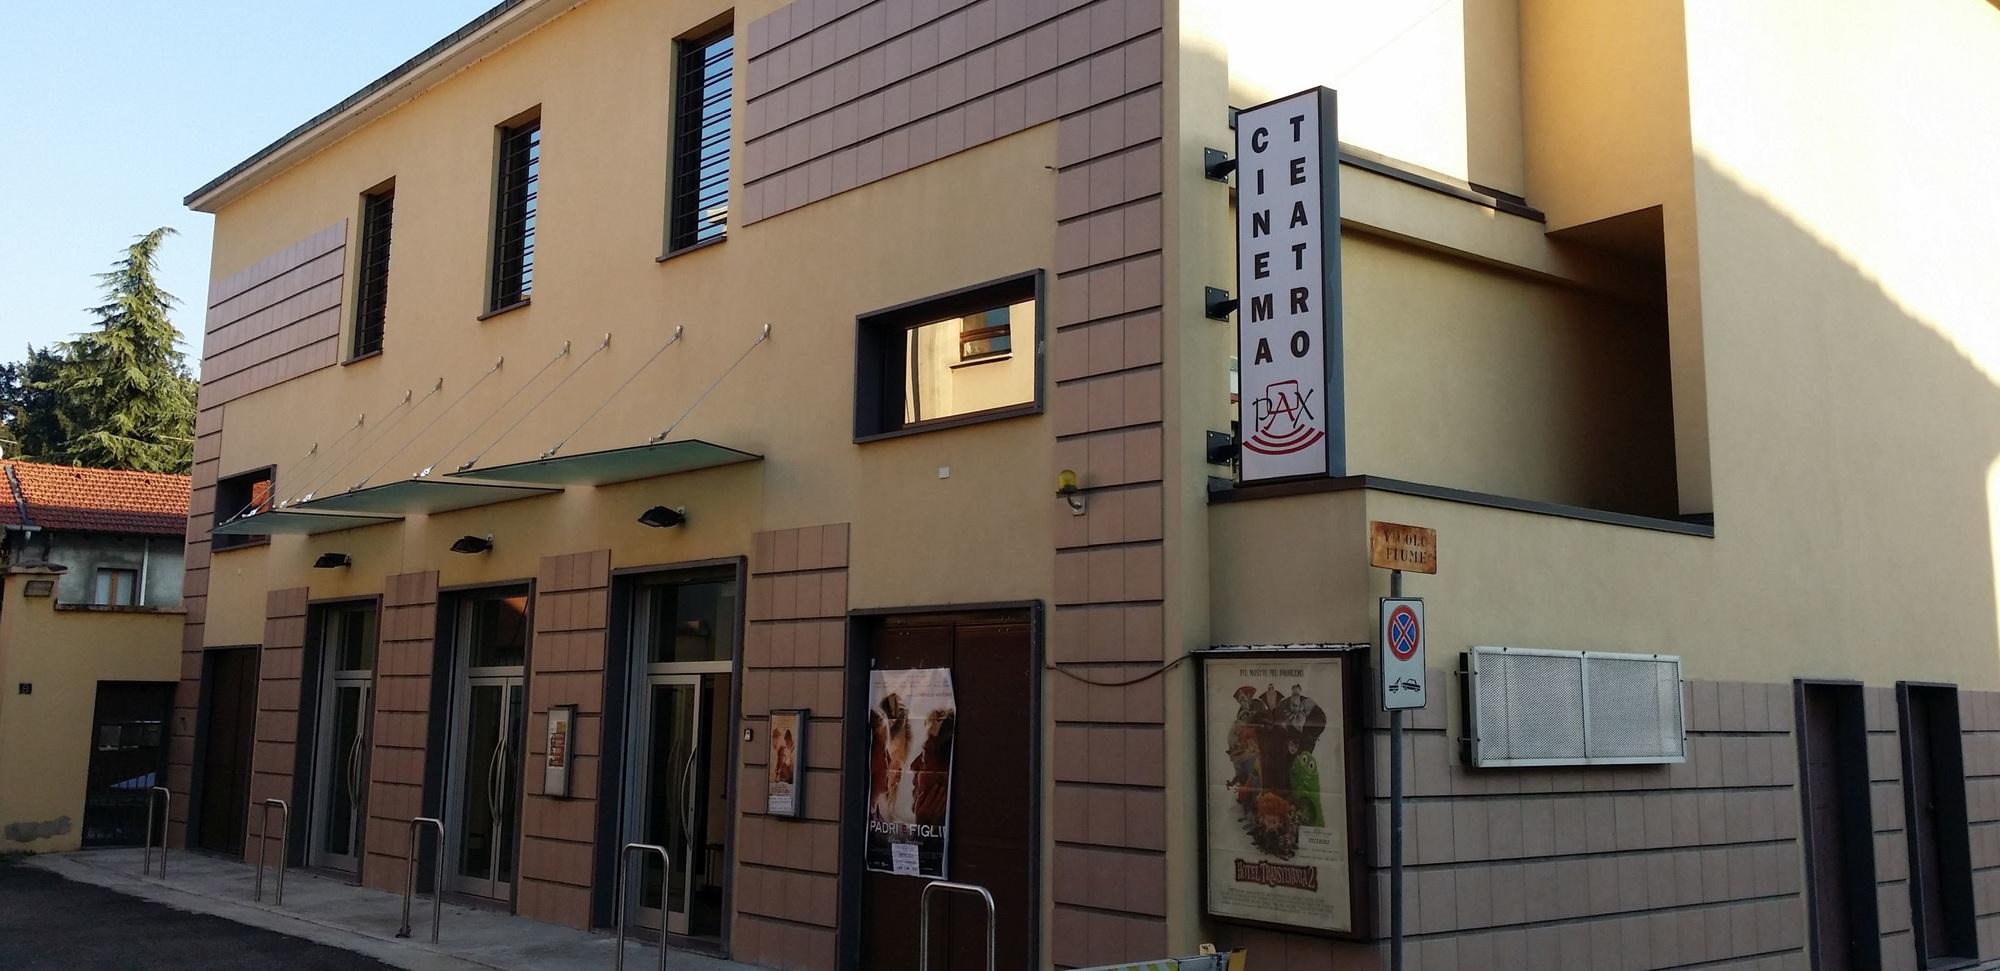 La nuova casa del Reale Film Festival: Cinema Pax